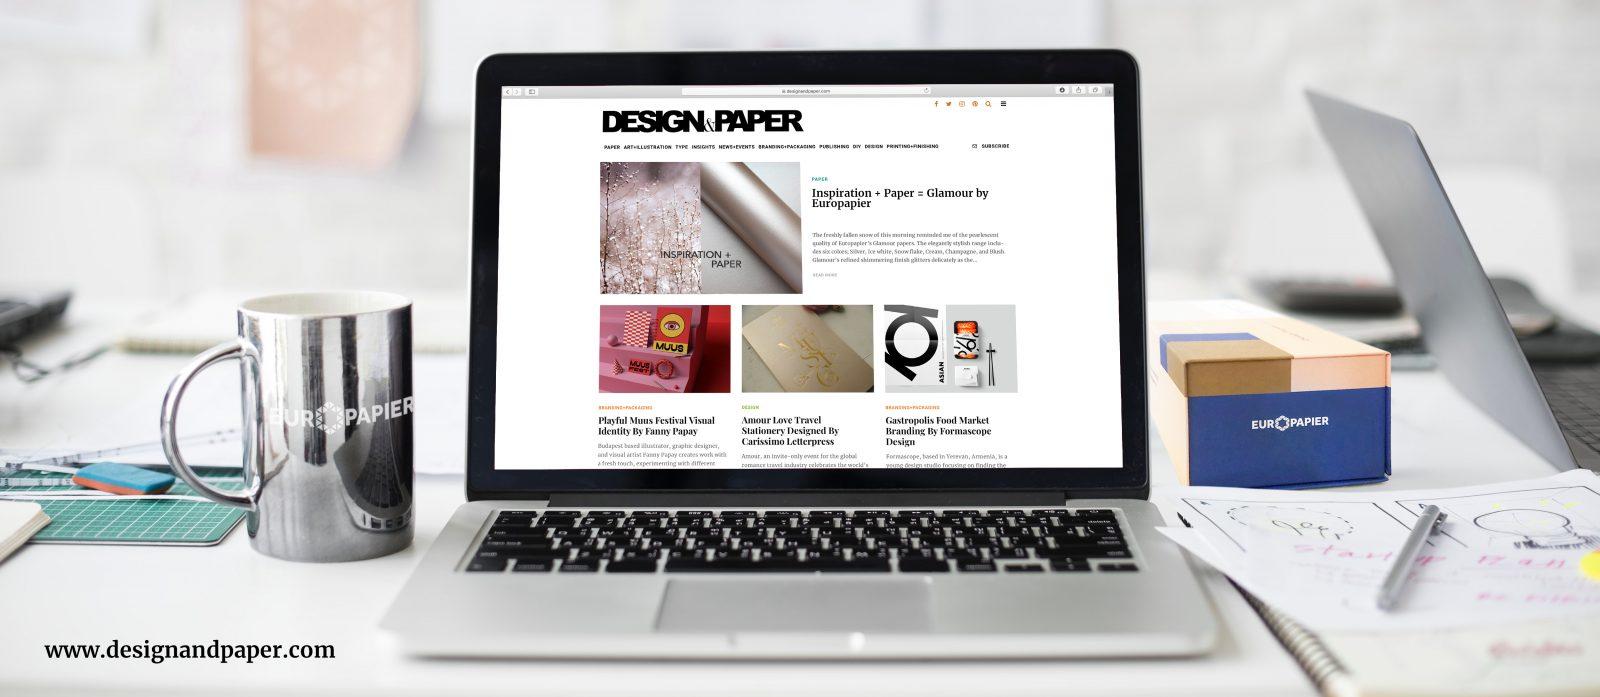 Design & Paper Redesign